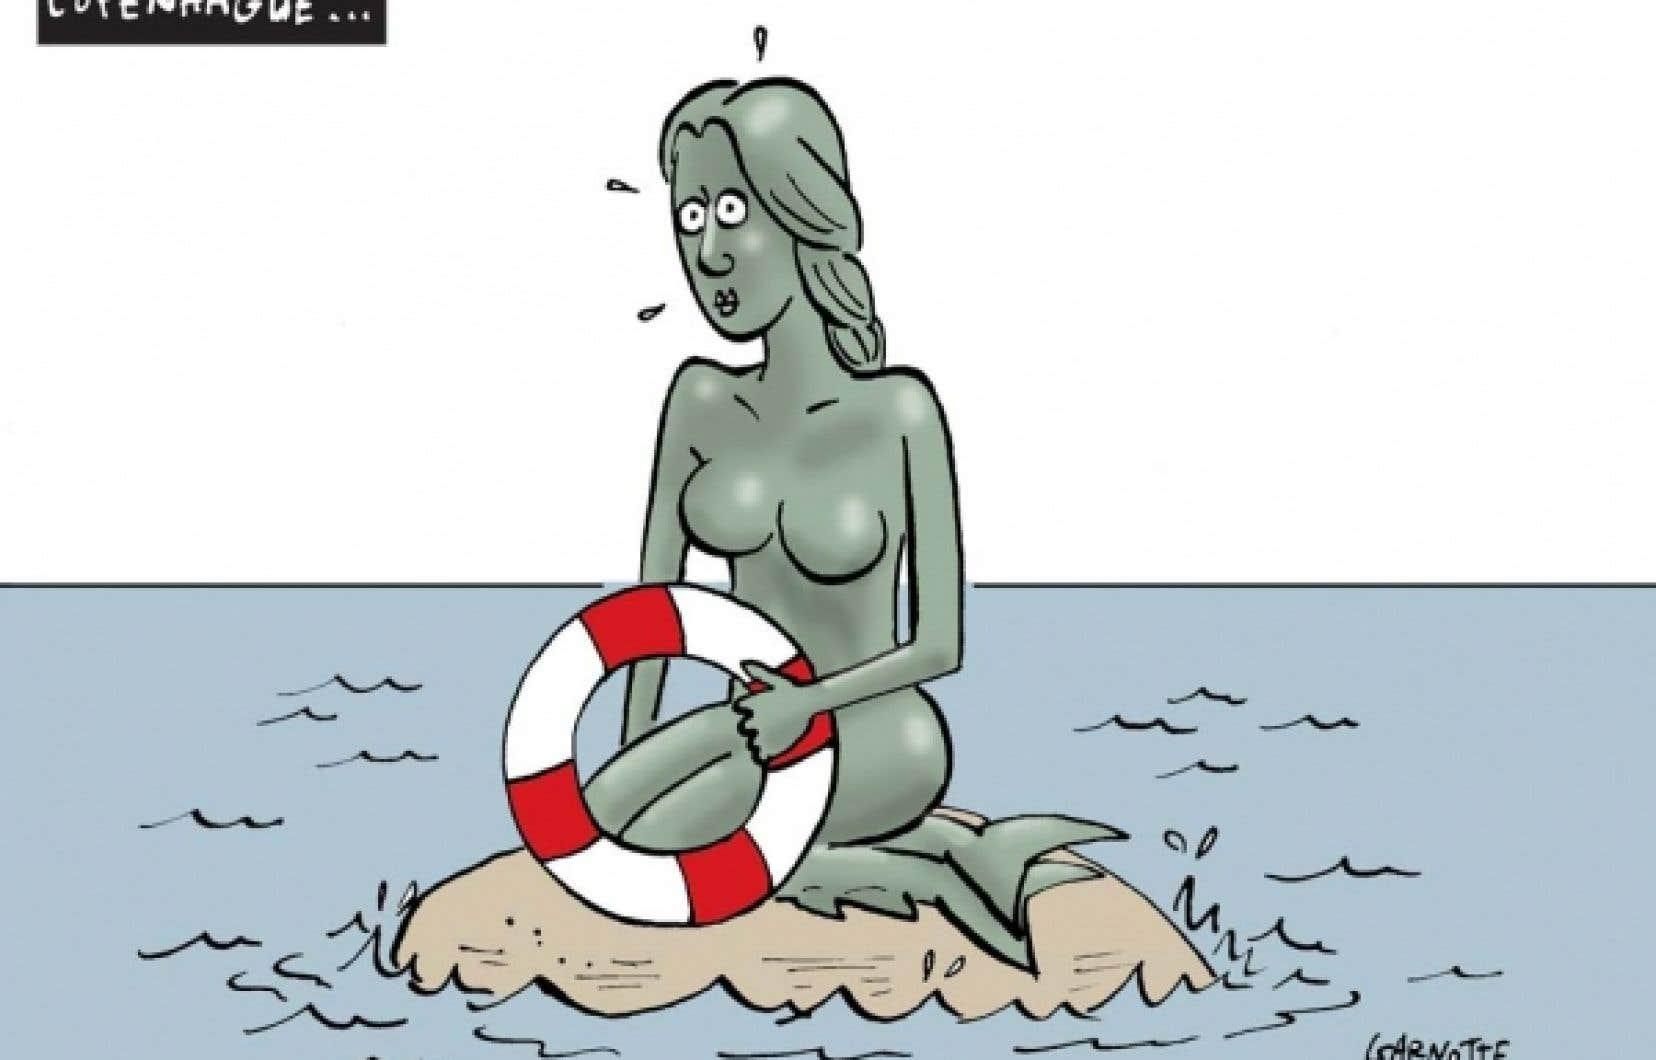 La petite sirène de Copenhague, caricature de Garnotte publiée le 11 décembre